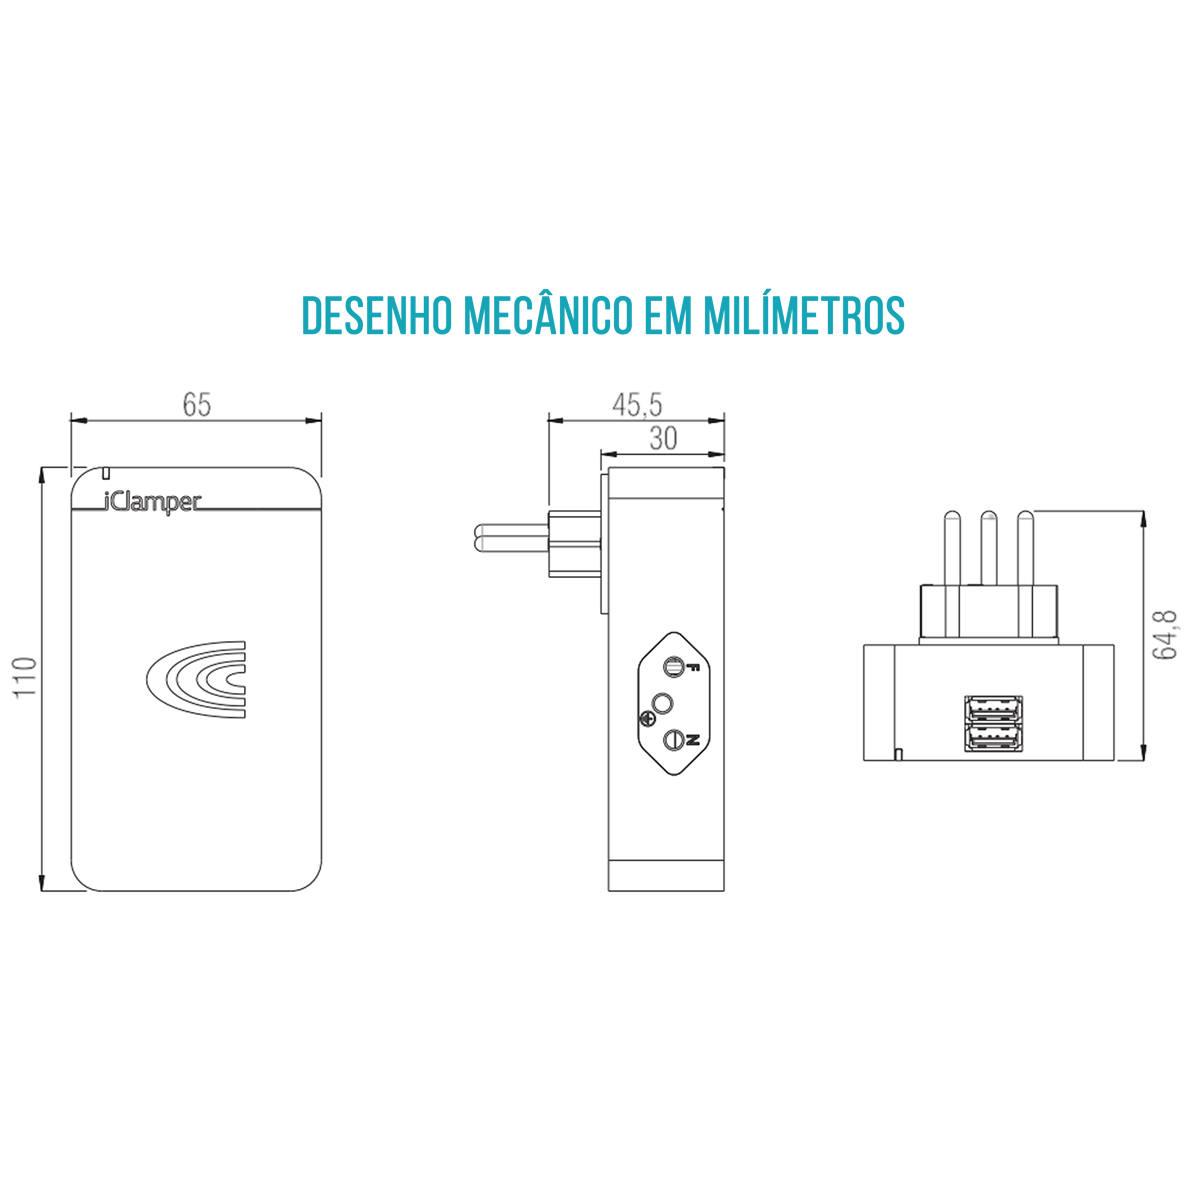 iClamper Energia 3 + 2 Portas USB Proteção Total contra Surtos Elétricos DPS Clamper Transparente